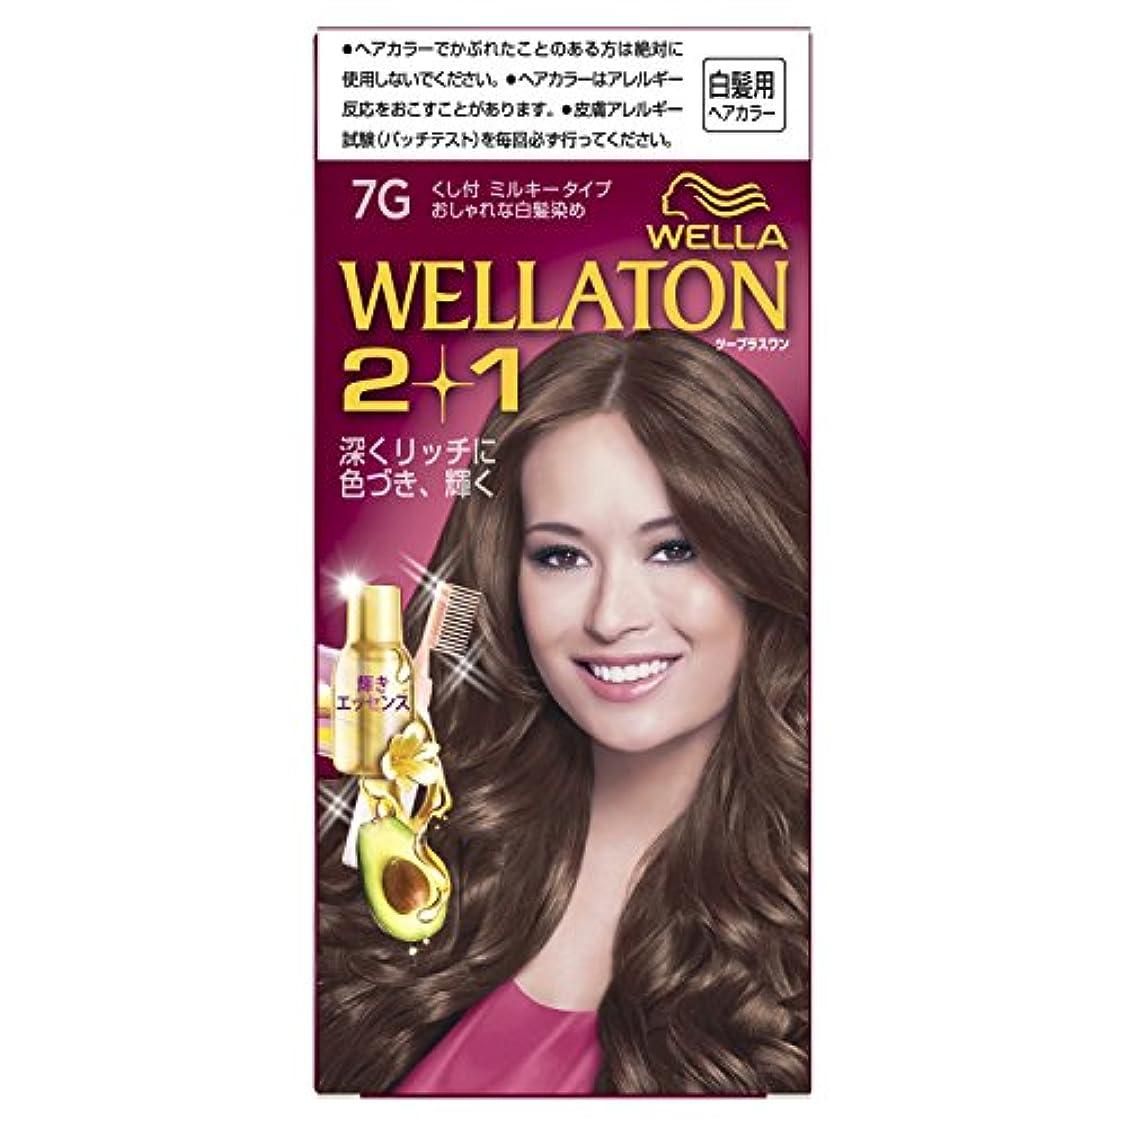 ウエラトーン2+1 くし付ミルキータイプ 7G [医薬部外品](おしゃれな白髪染め)